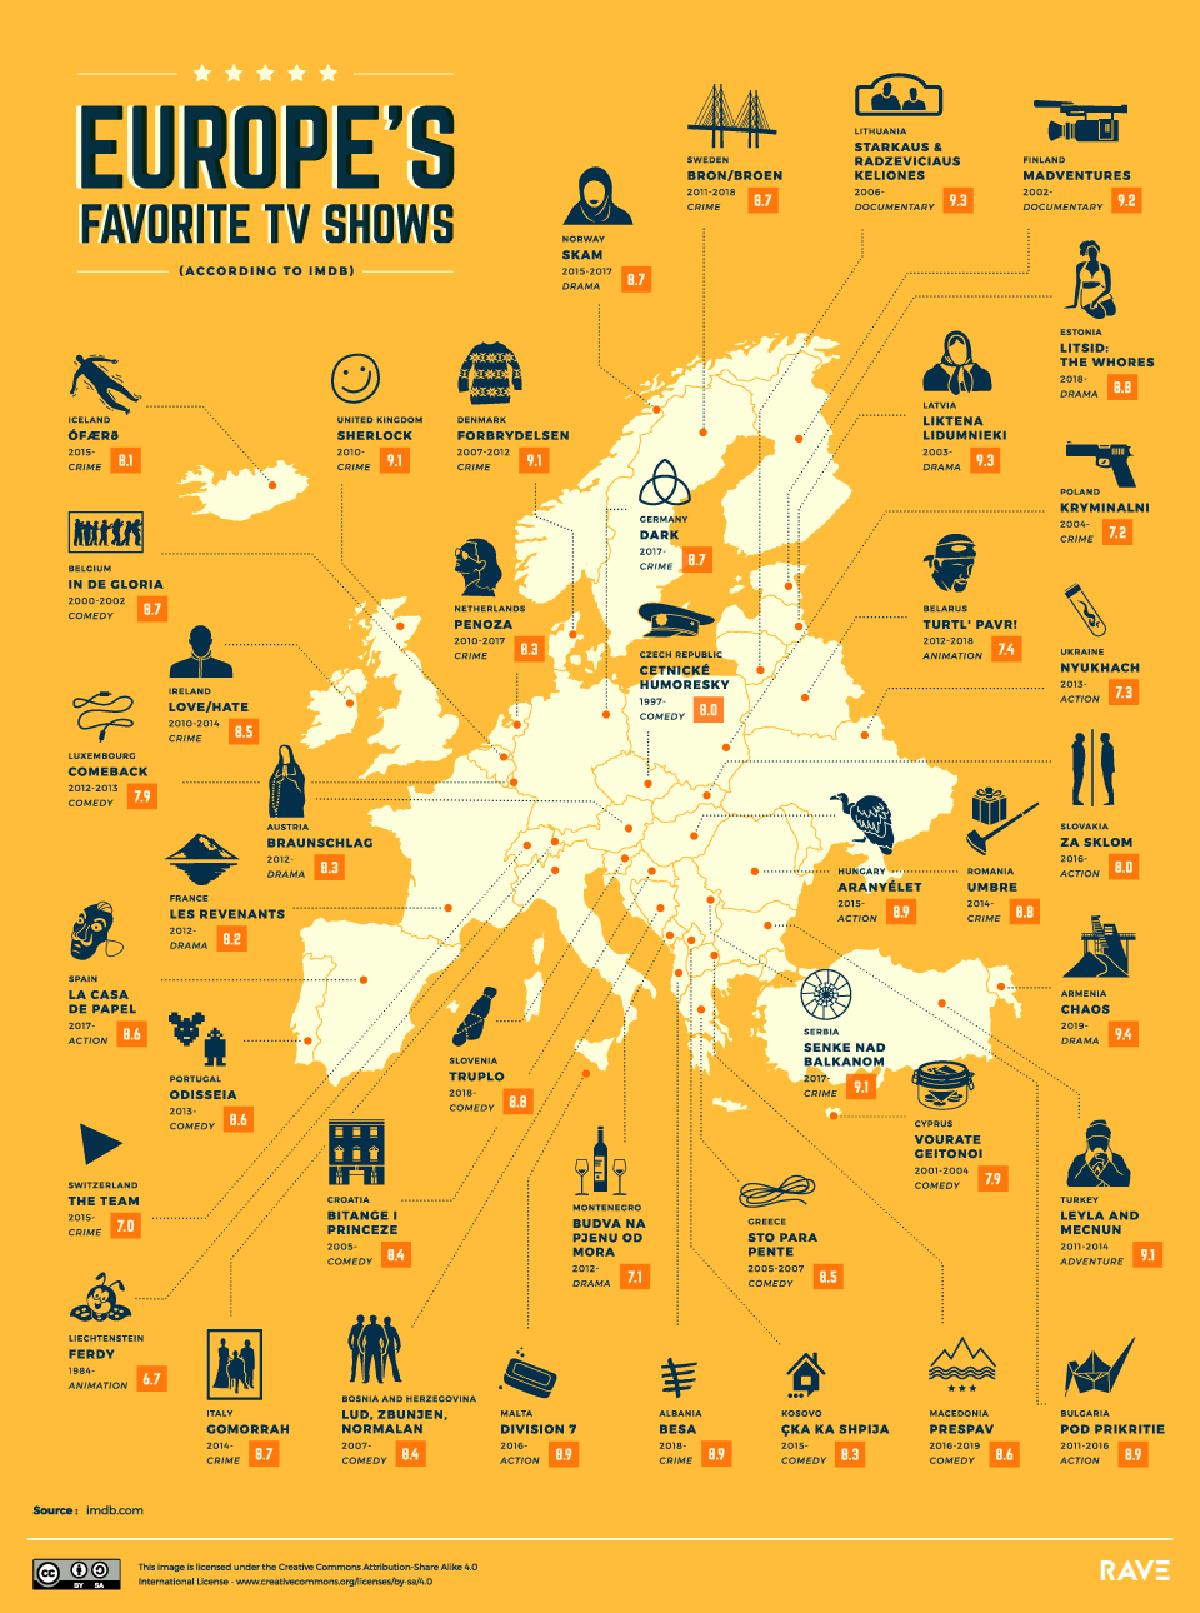 Le serie tv preferite in Europa